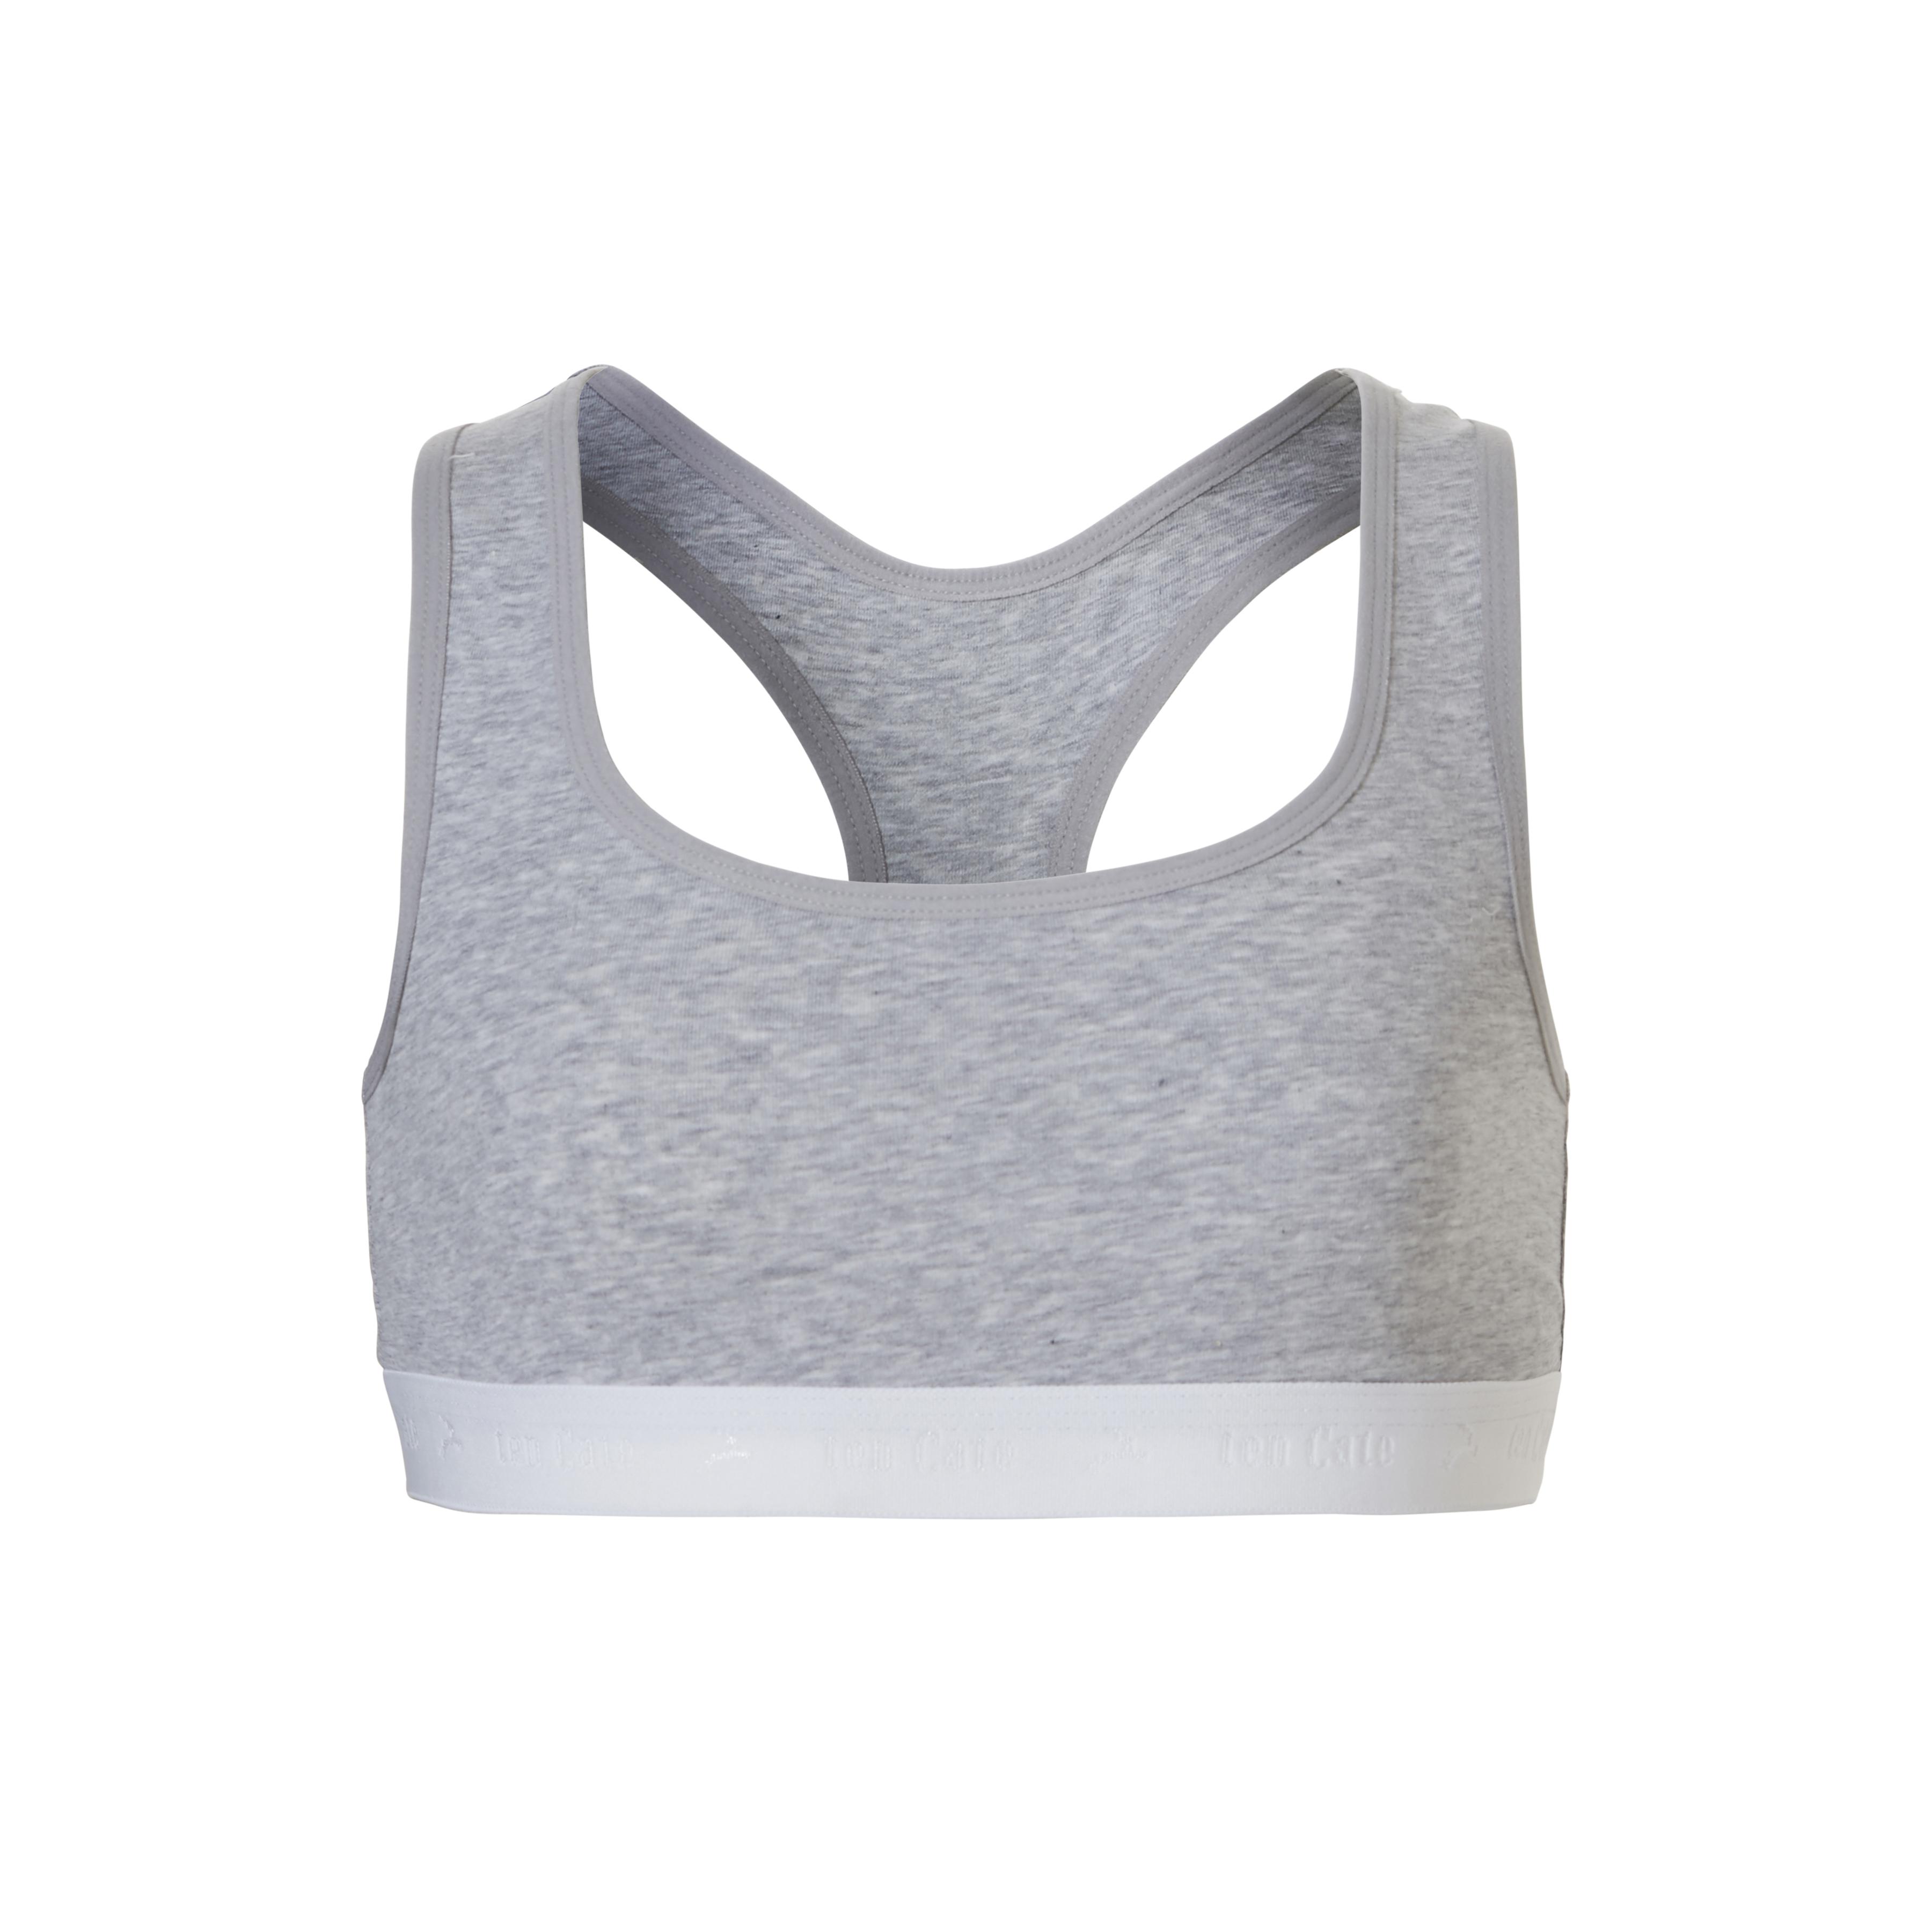 Ten Cate Teen Girls Basic Soft Top light grey